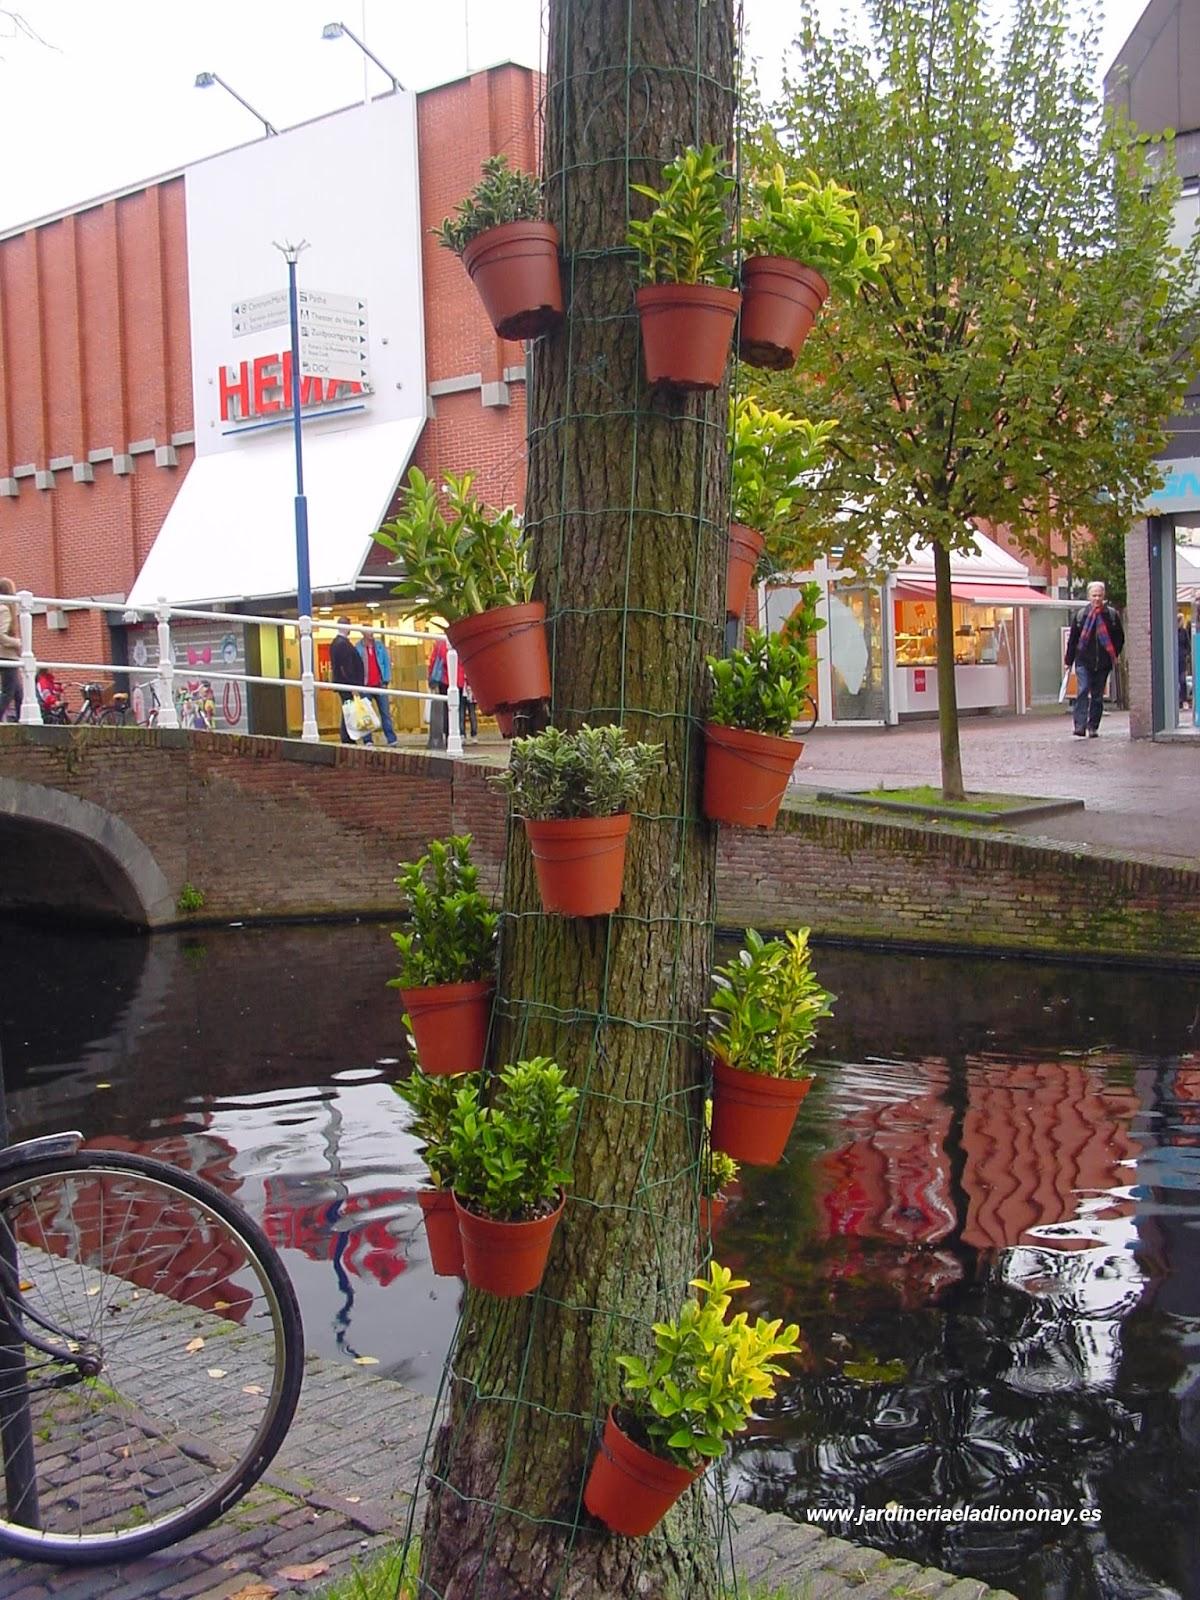 el tronco de un rbol le puede servir de apoyo para disponer las macetas que usted desee